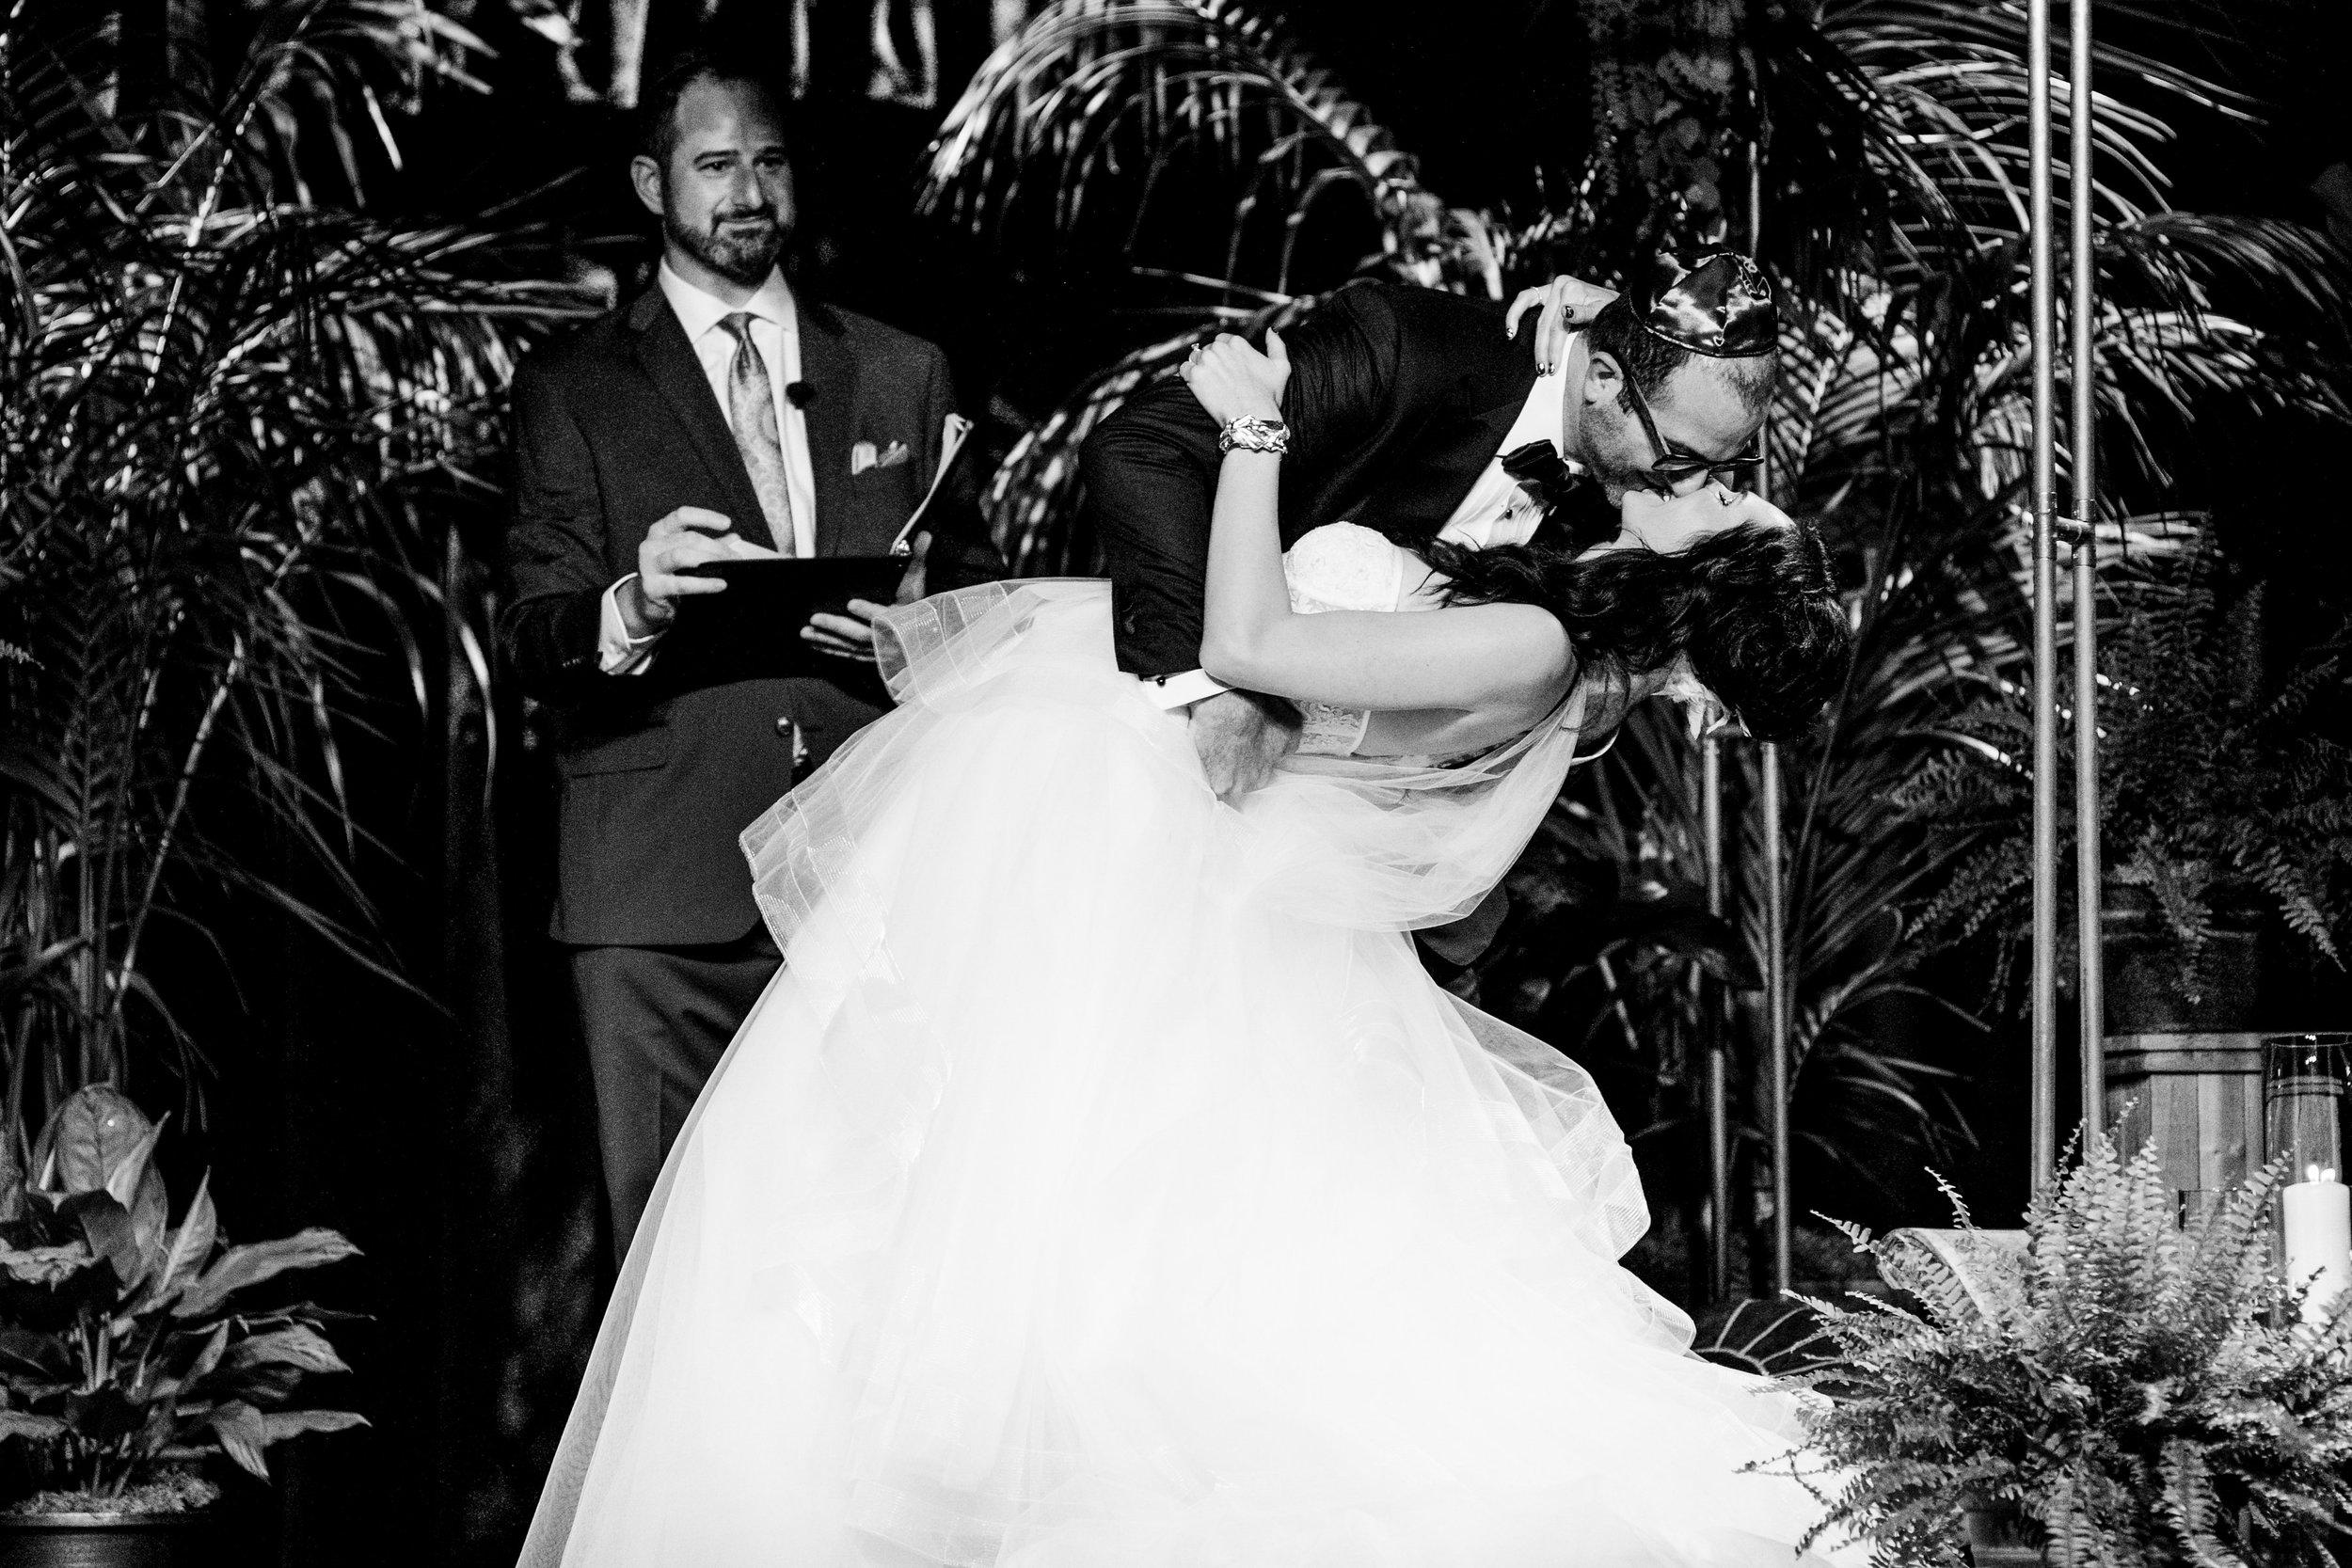 Phillip-Kari-Wedding-ROQUE-Events-Finch-Photo12.jpg